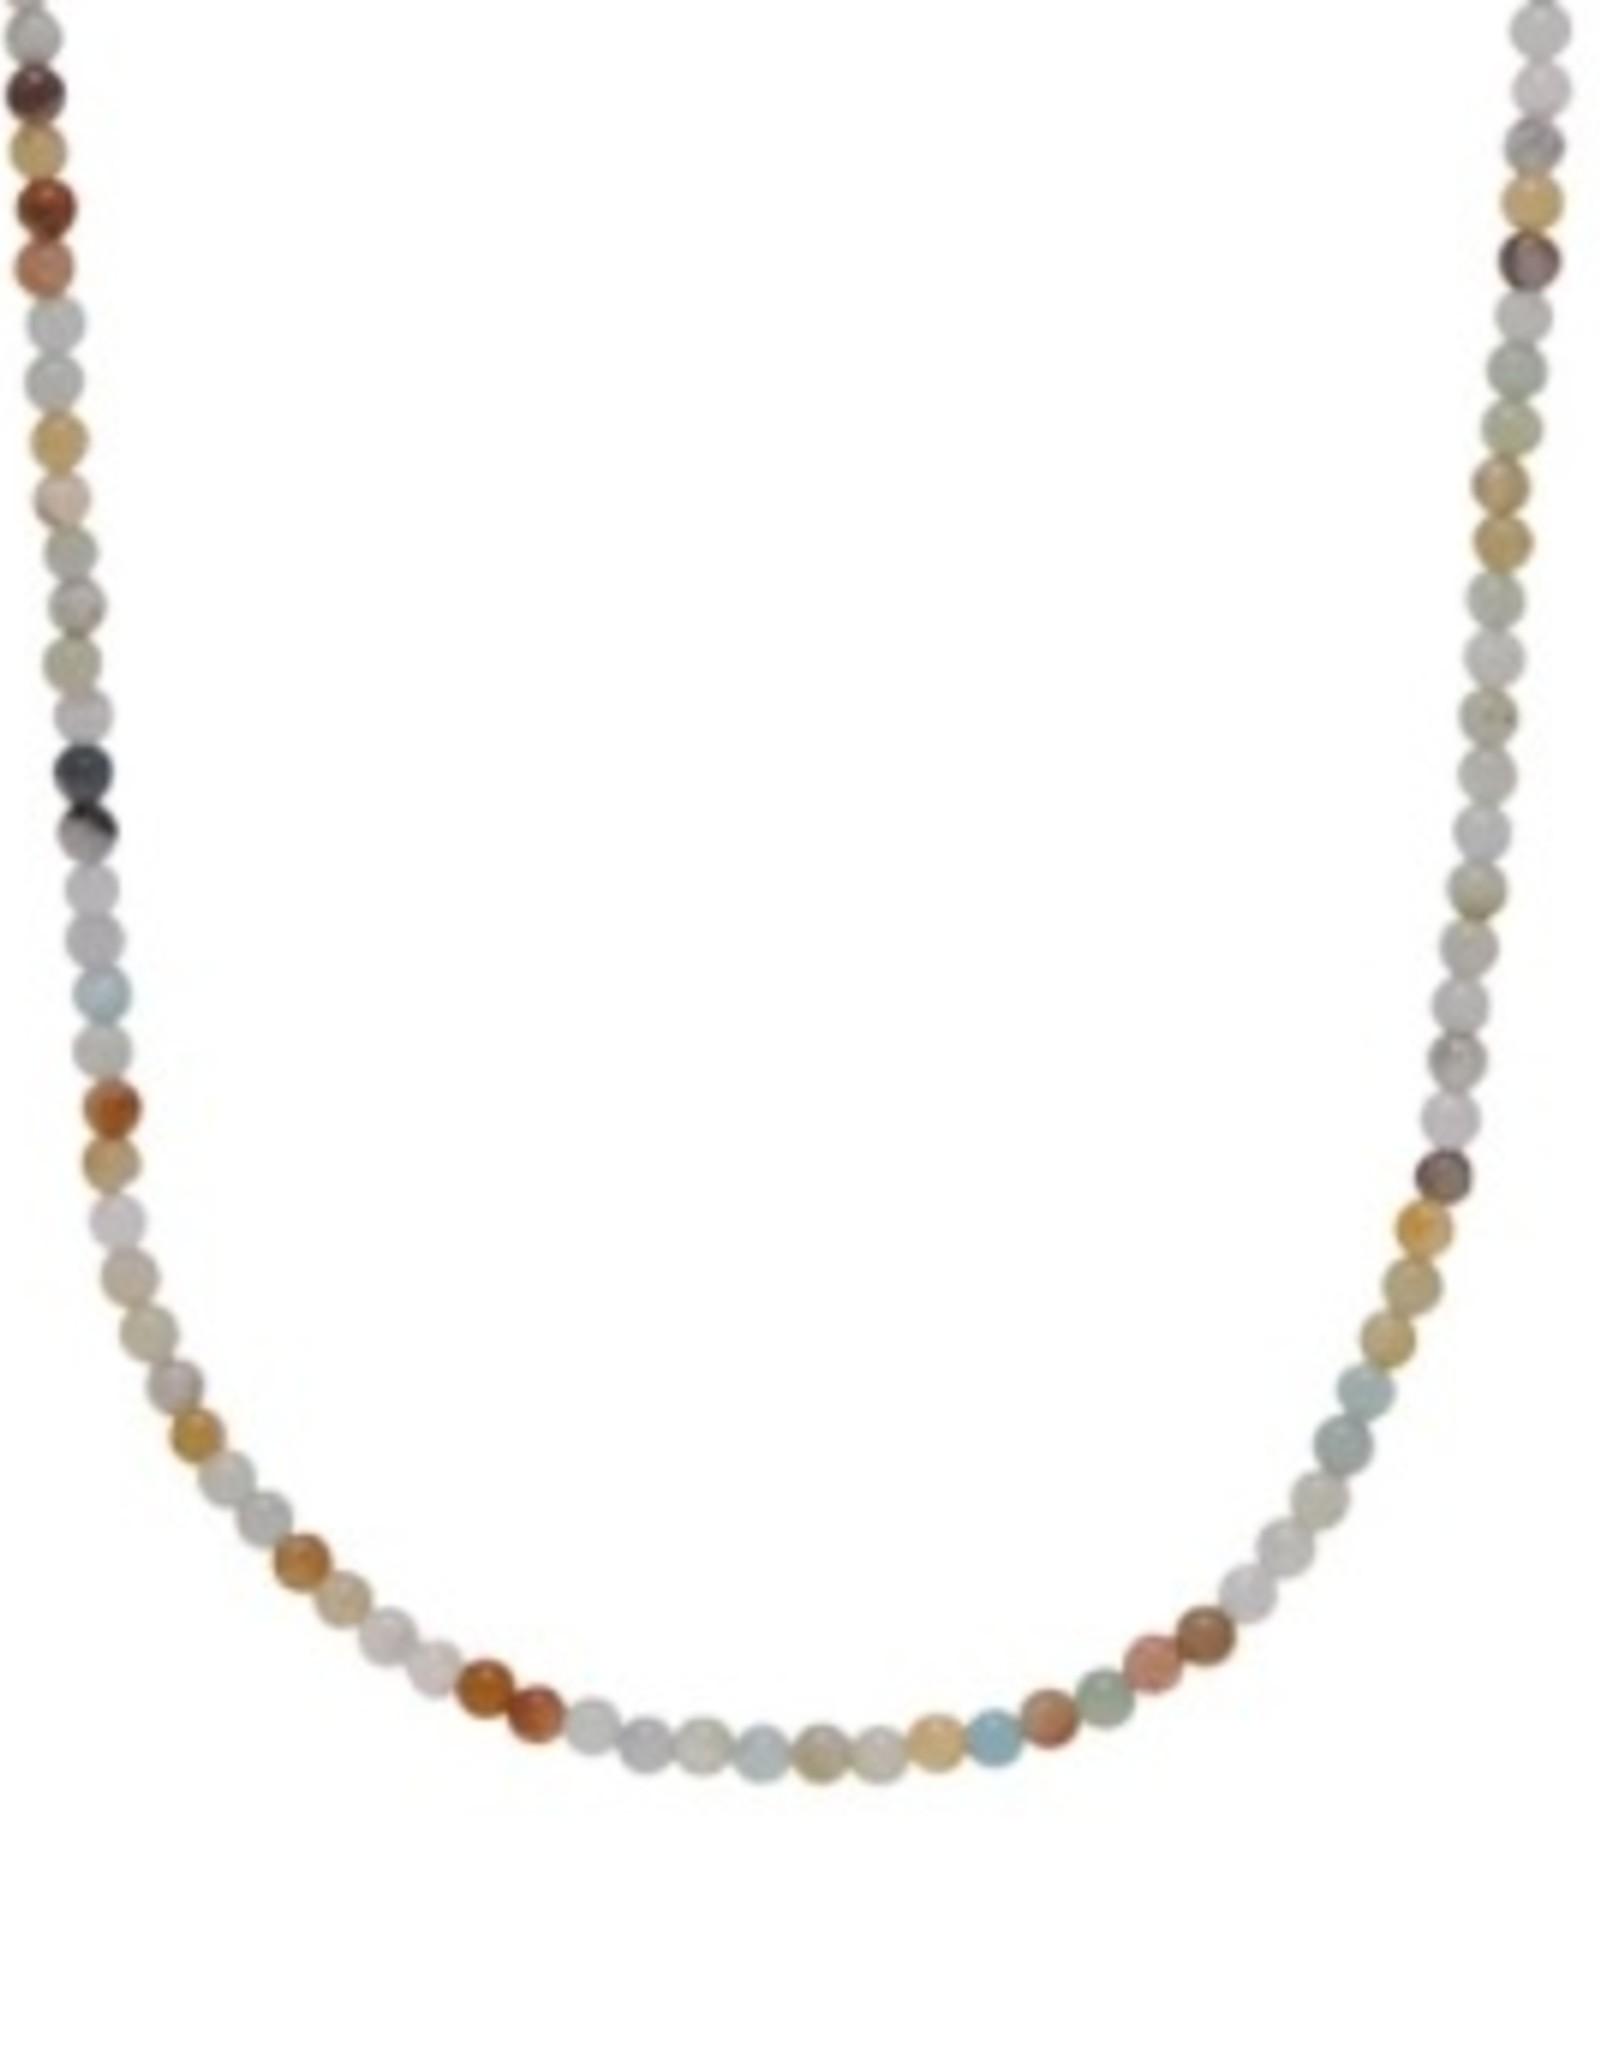 Xzota Xzota - Necklace Amazonite Lock